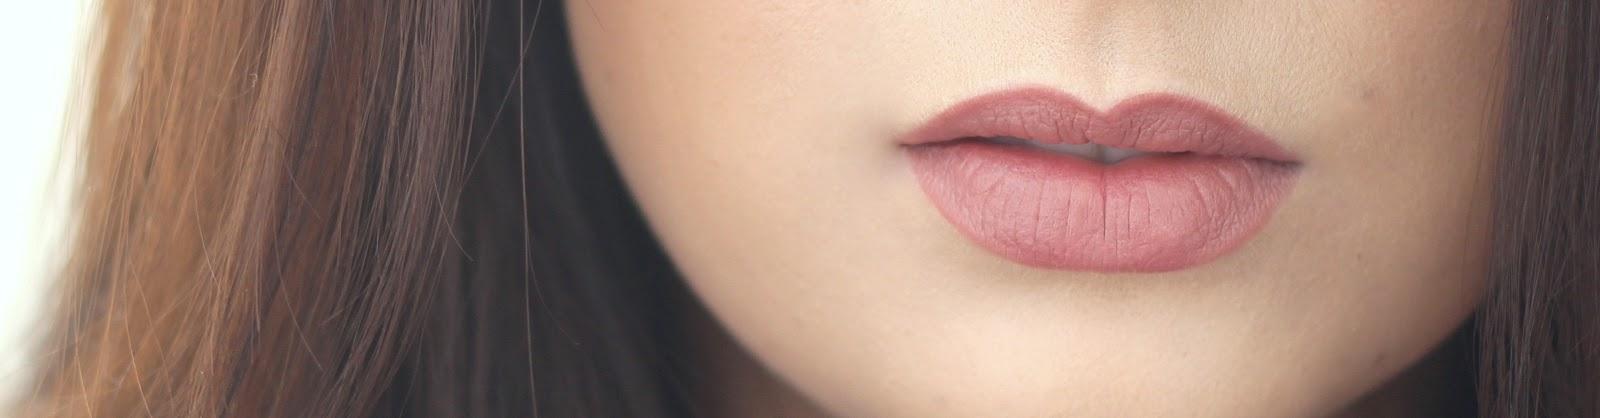 Kylie Jenner inspired lip